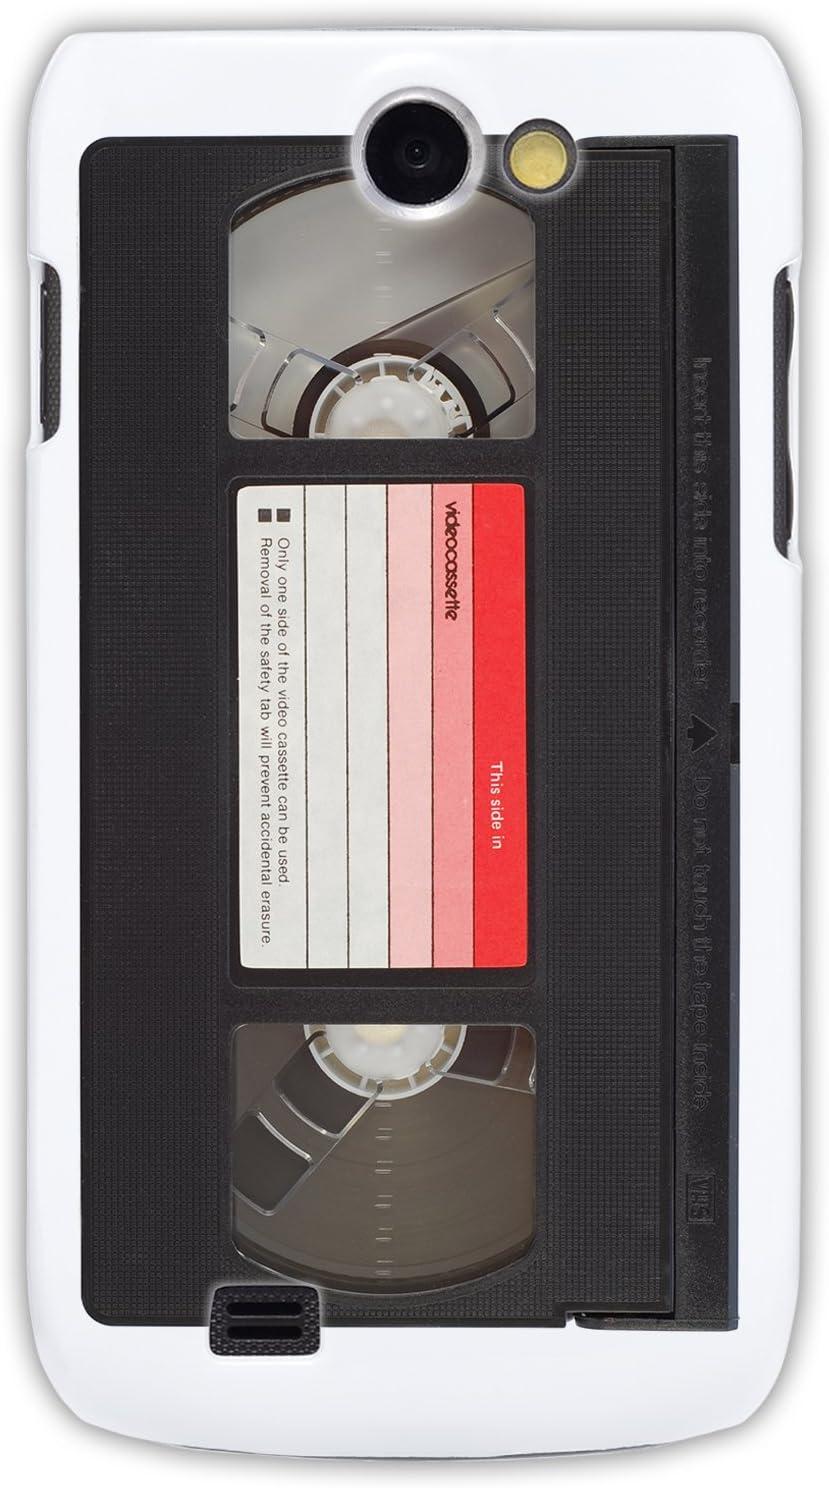 """GRÜV Case Design """"Cinta de Video Retro Vintage de los 80 VHS VCR"""" - Diseñador Mejor Calidad de Impresión en Funda Carcasa Rigida Blanca - para Samsung Exhibit 2 i8150 T679: Amazon.es: Electrónica"""